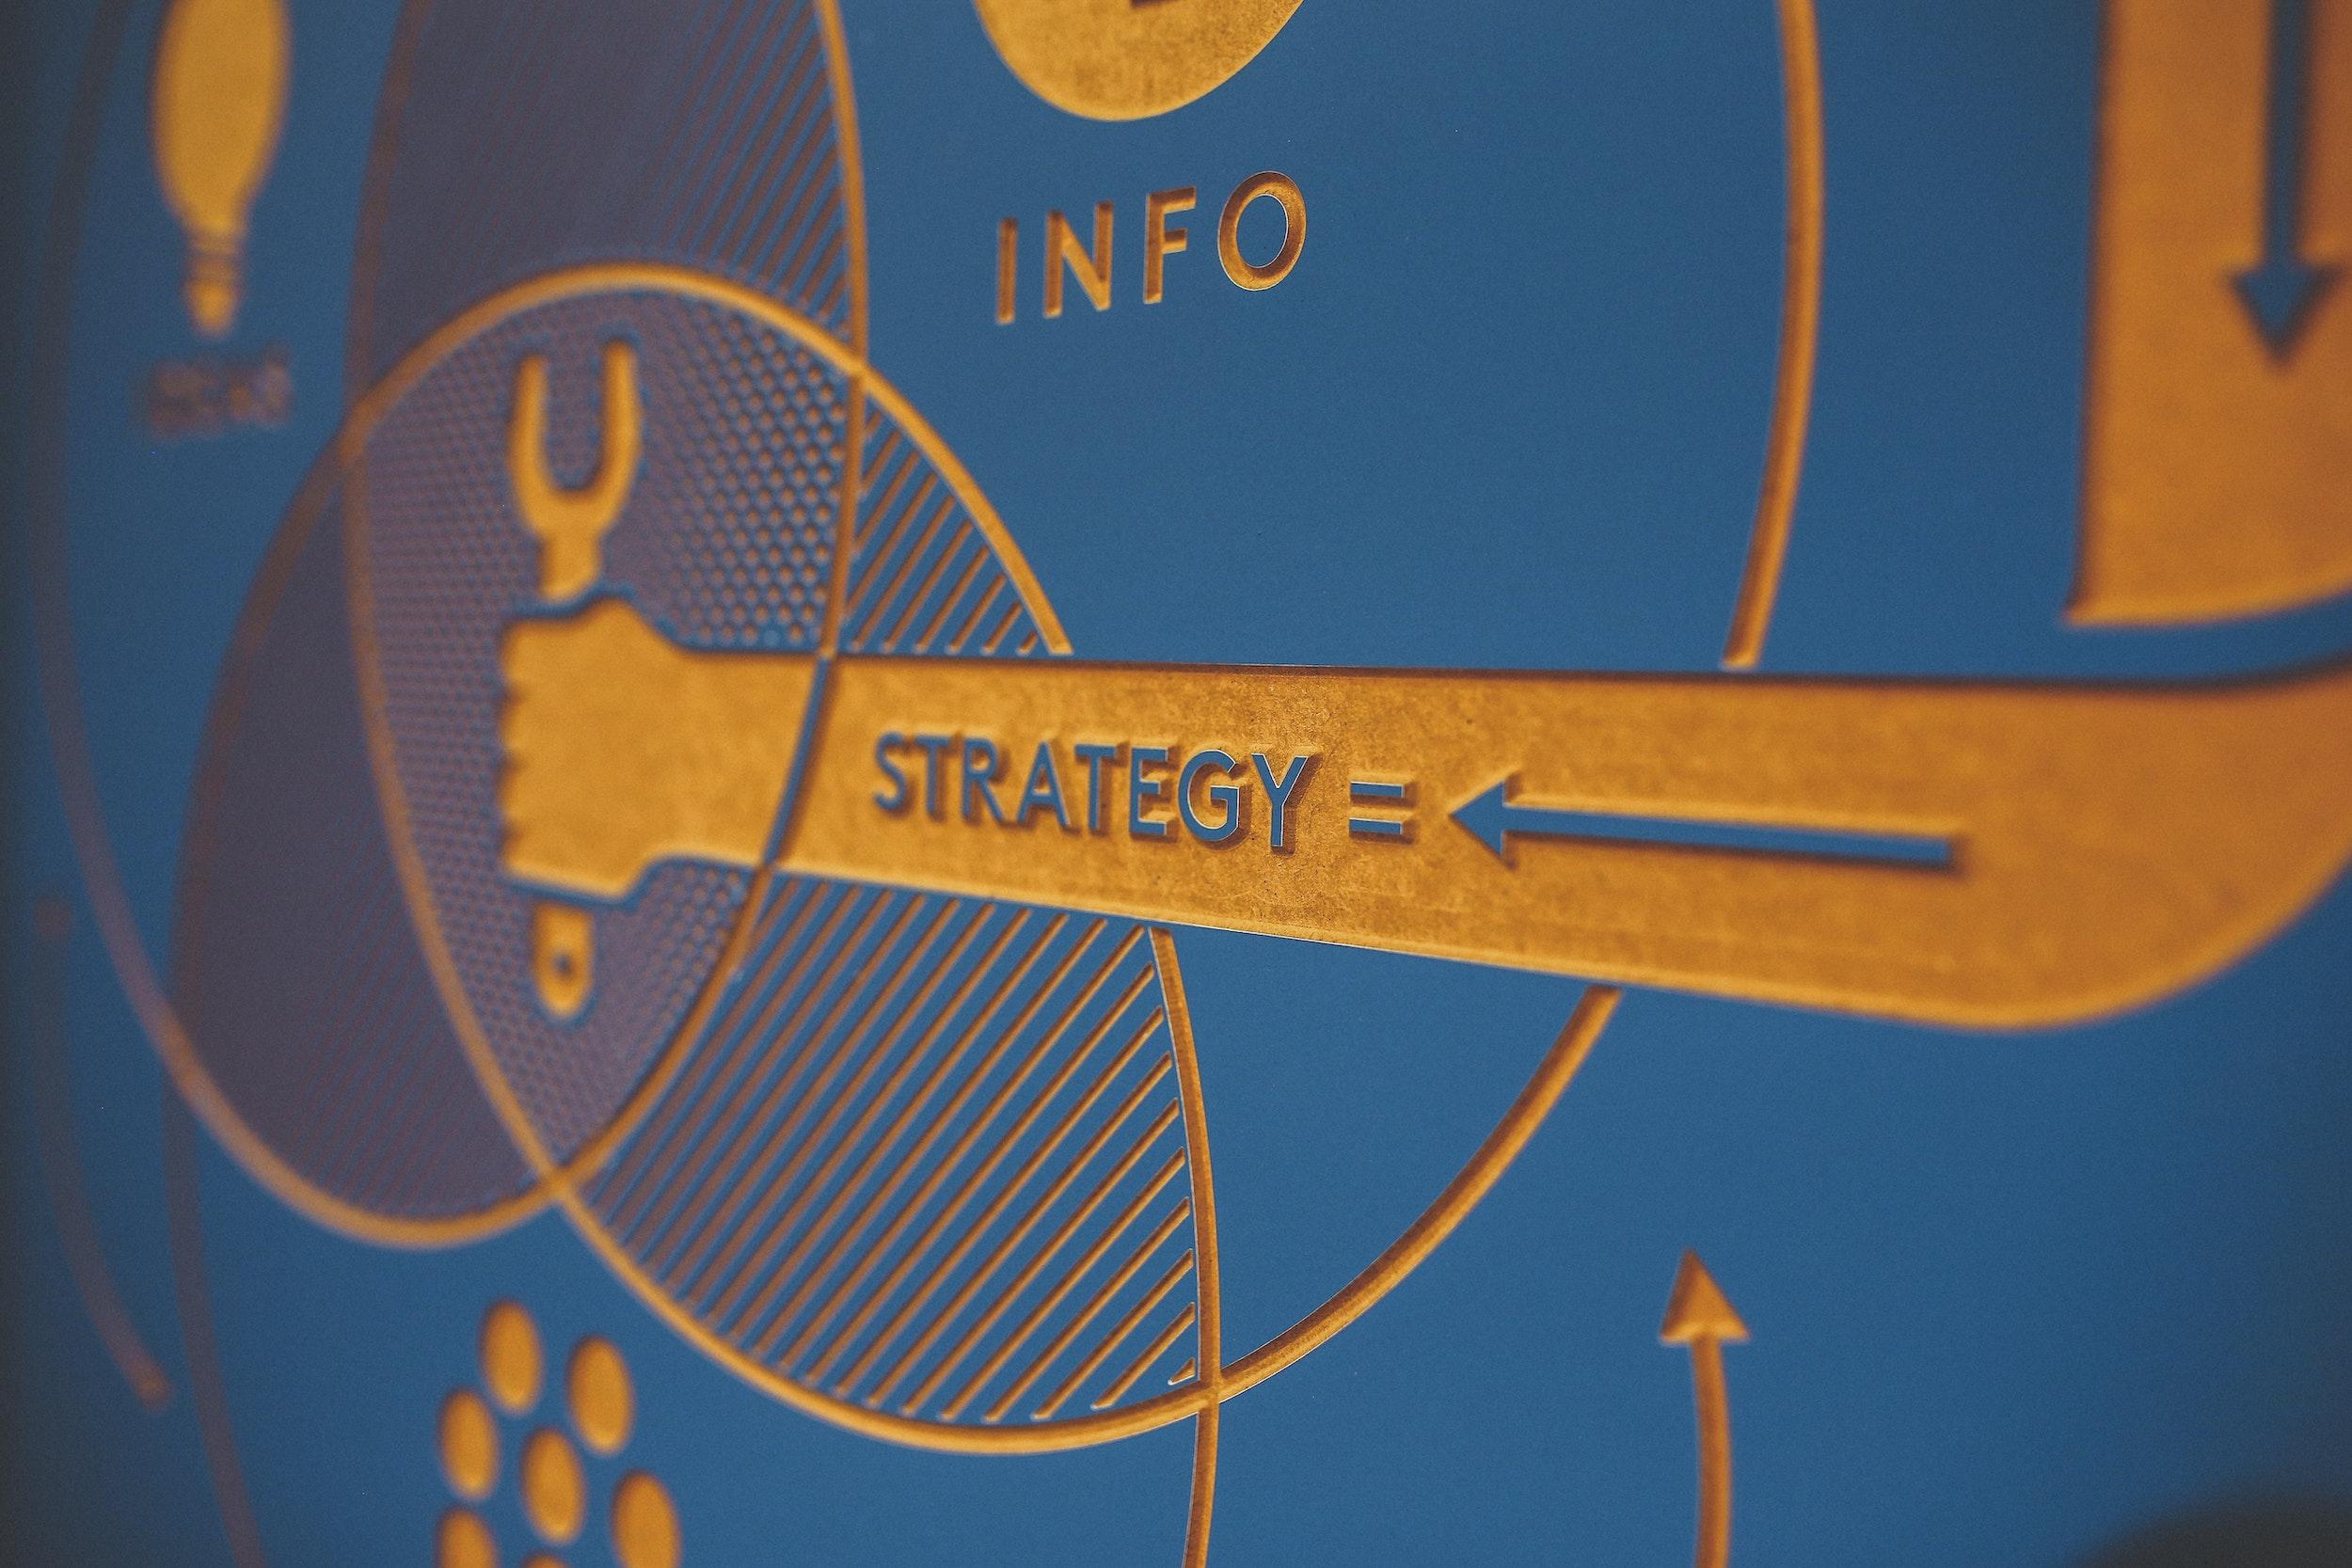 Způsoby realizace RPA v podnicích aneb jak najít správný přístup implementace